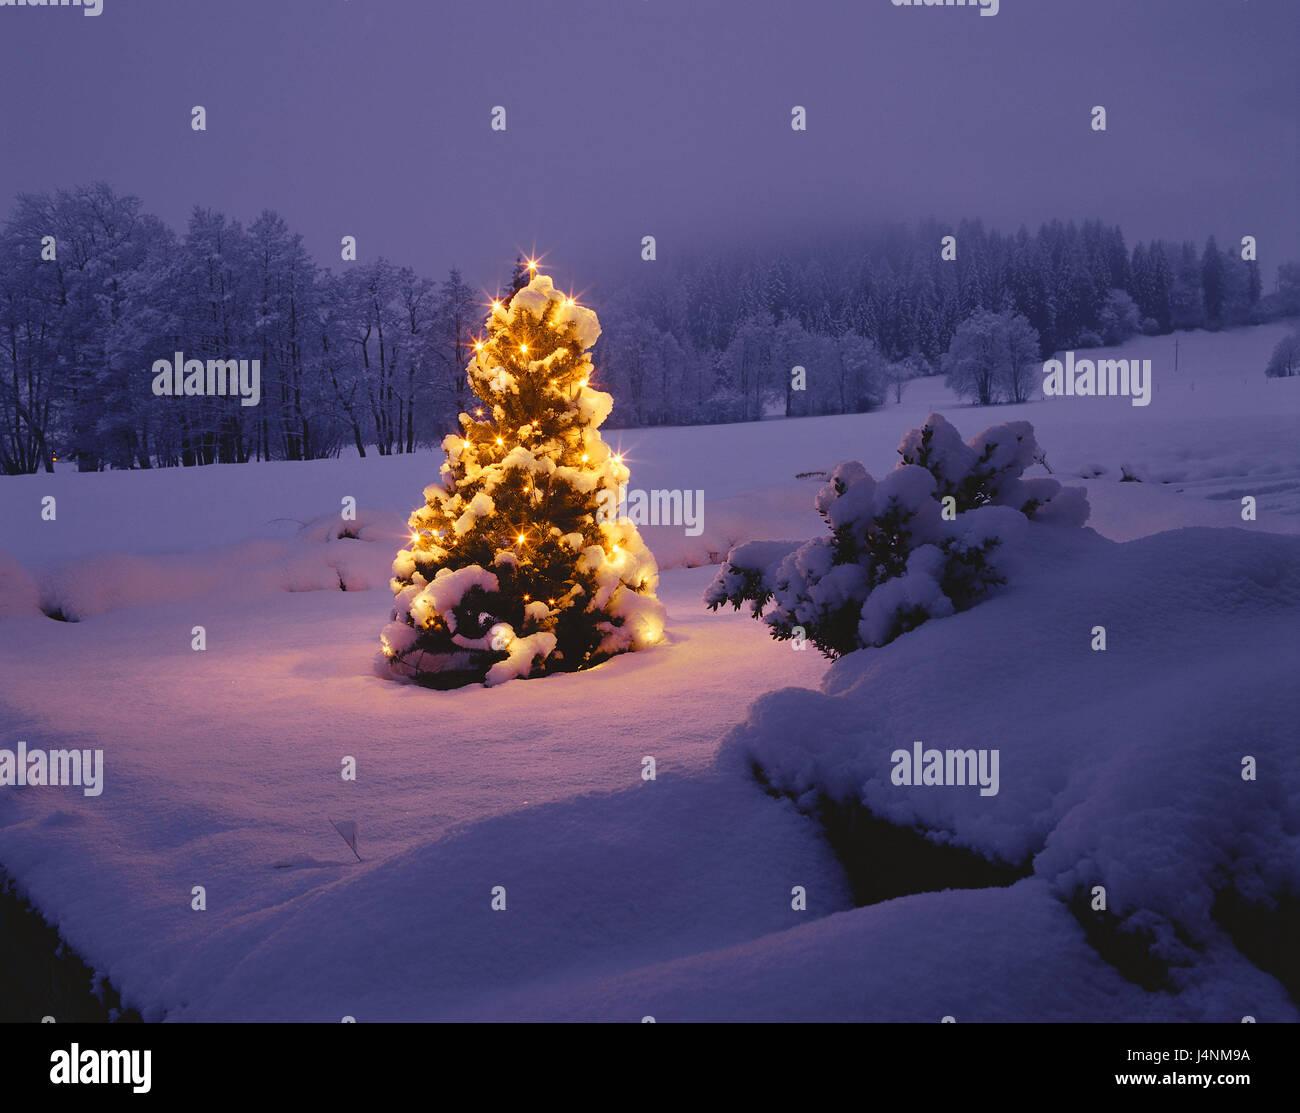 Garten, Weihnachtsbaum, Schnee, Beleuchtung, Kerze beleuchtet Rallye ...